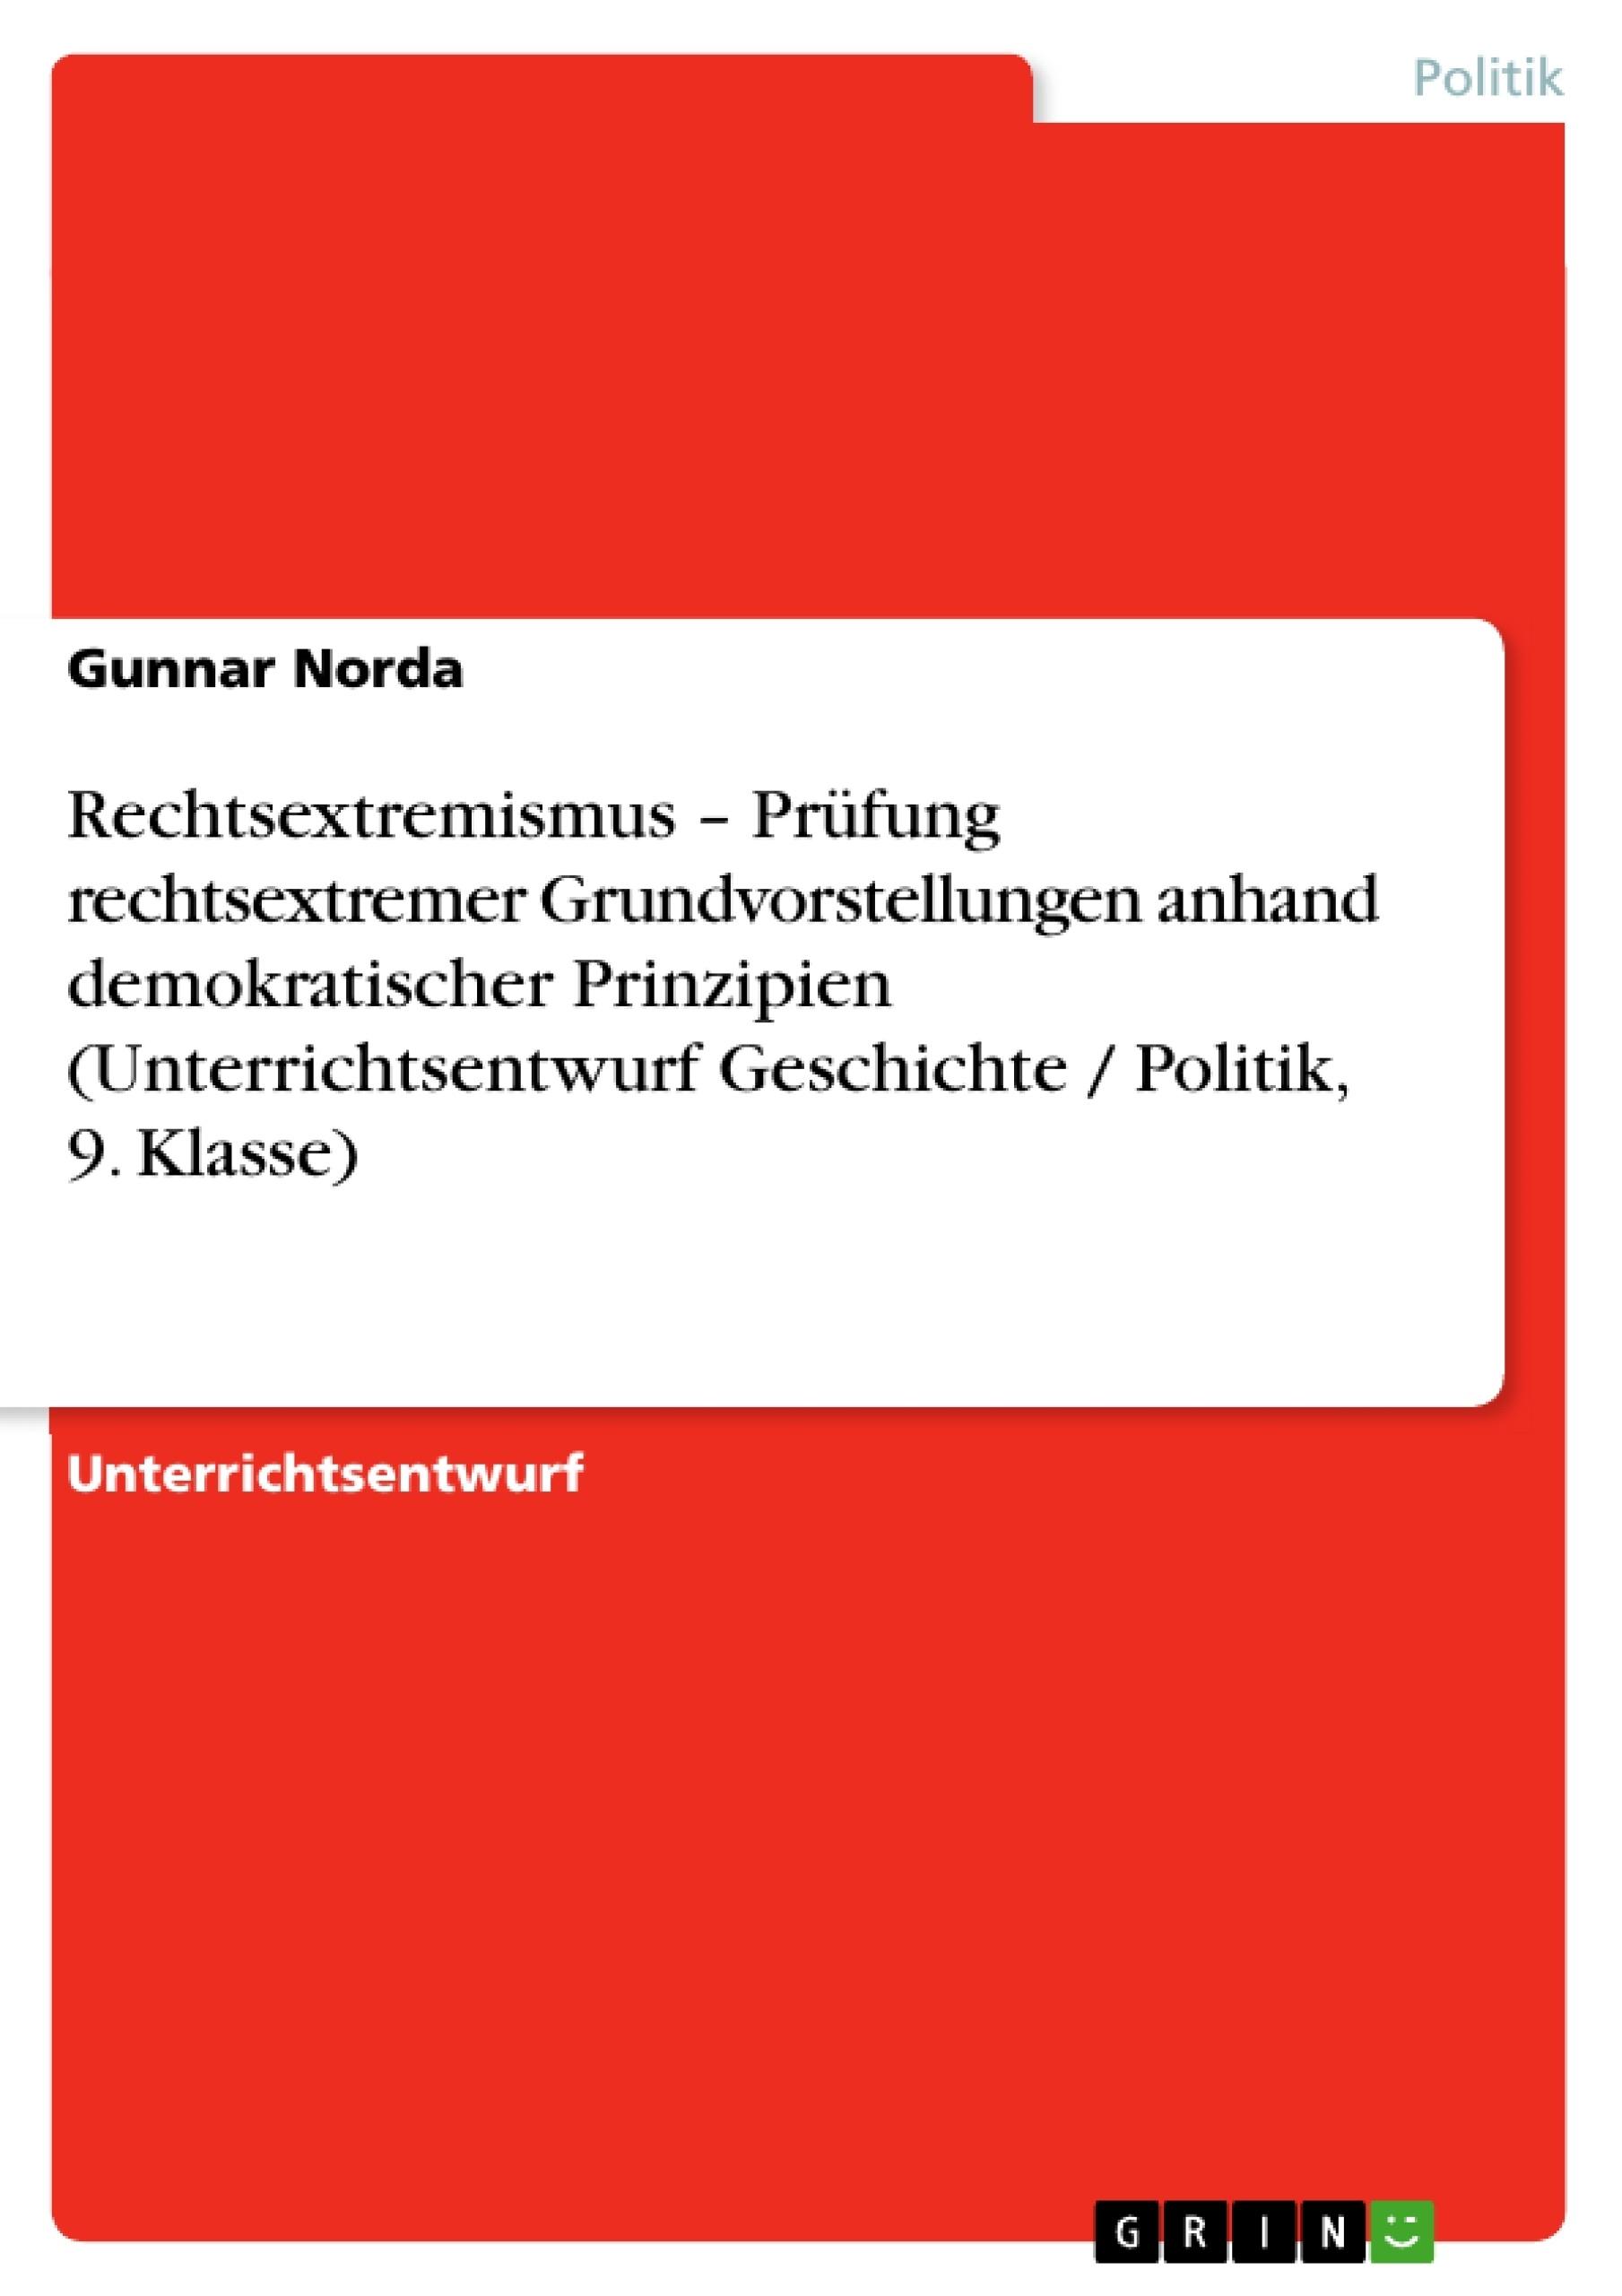 Titel: Rechtsextremismus – Prüfung rechtsextremer Grundvorstellungen anhand demokratischer Prinzipien (Unterrichtsentwurf Geschichte / Politik, 9. Klasse)